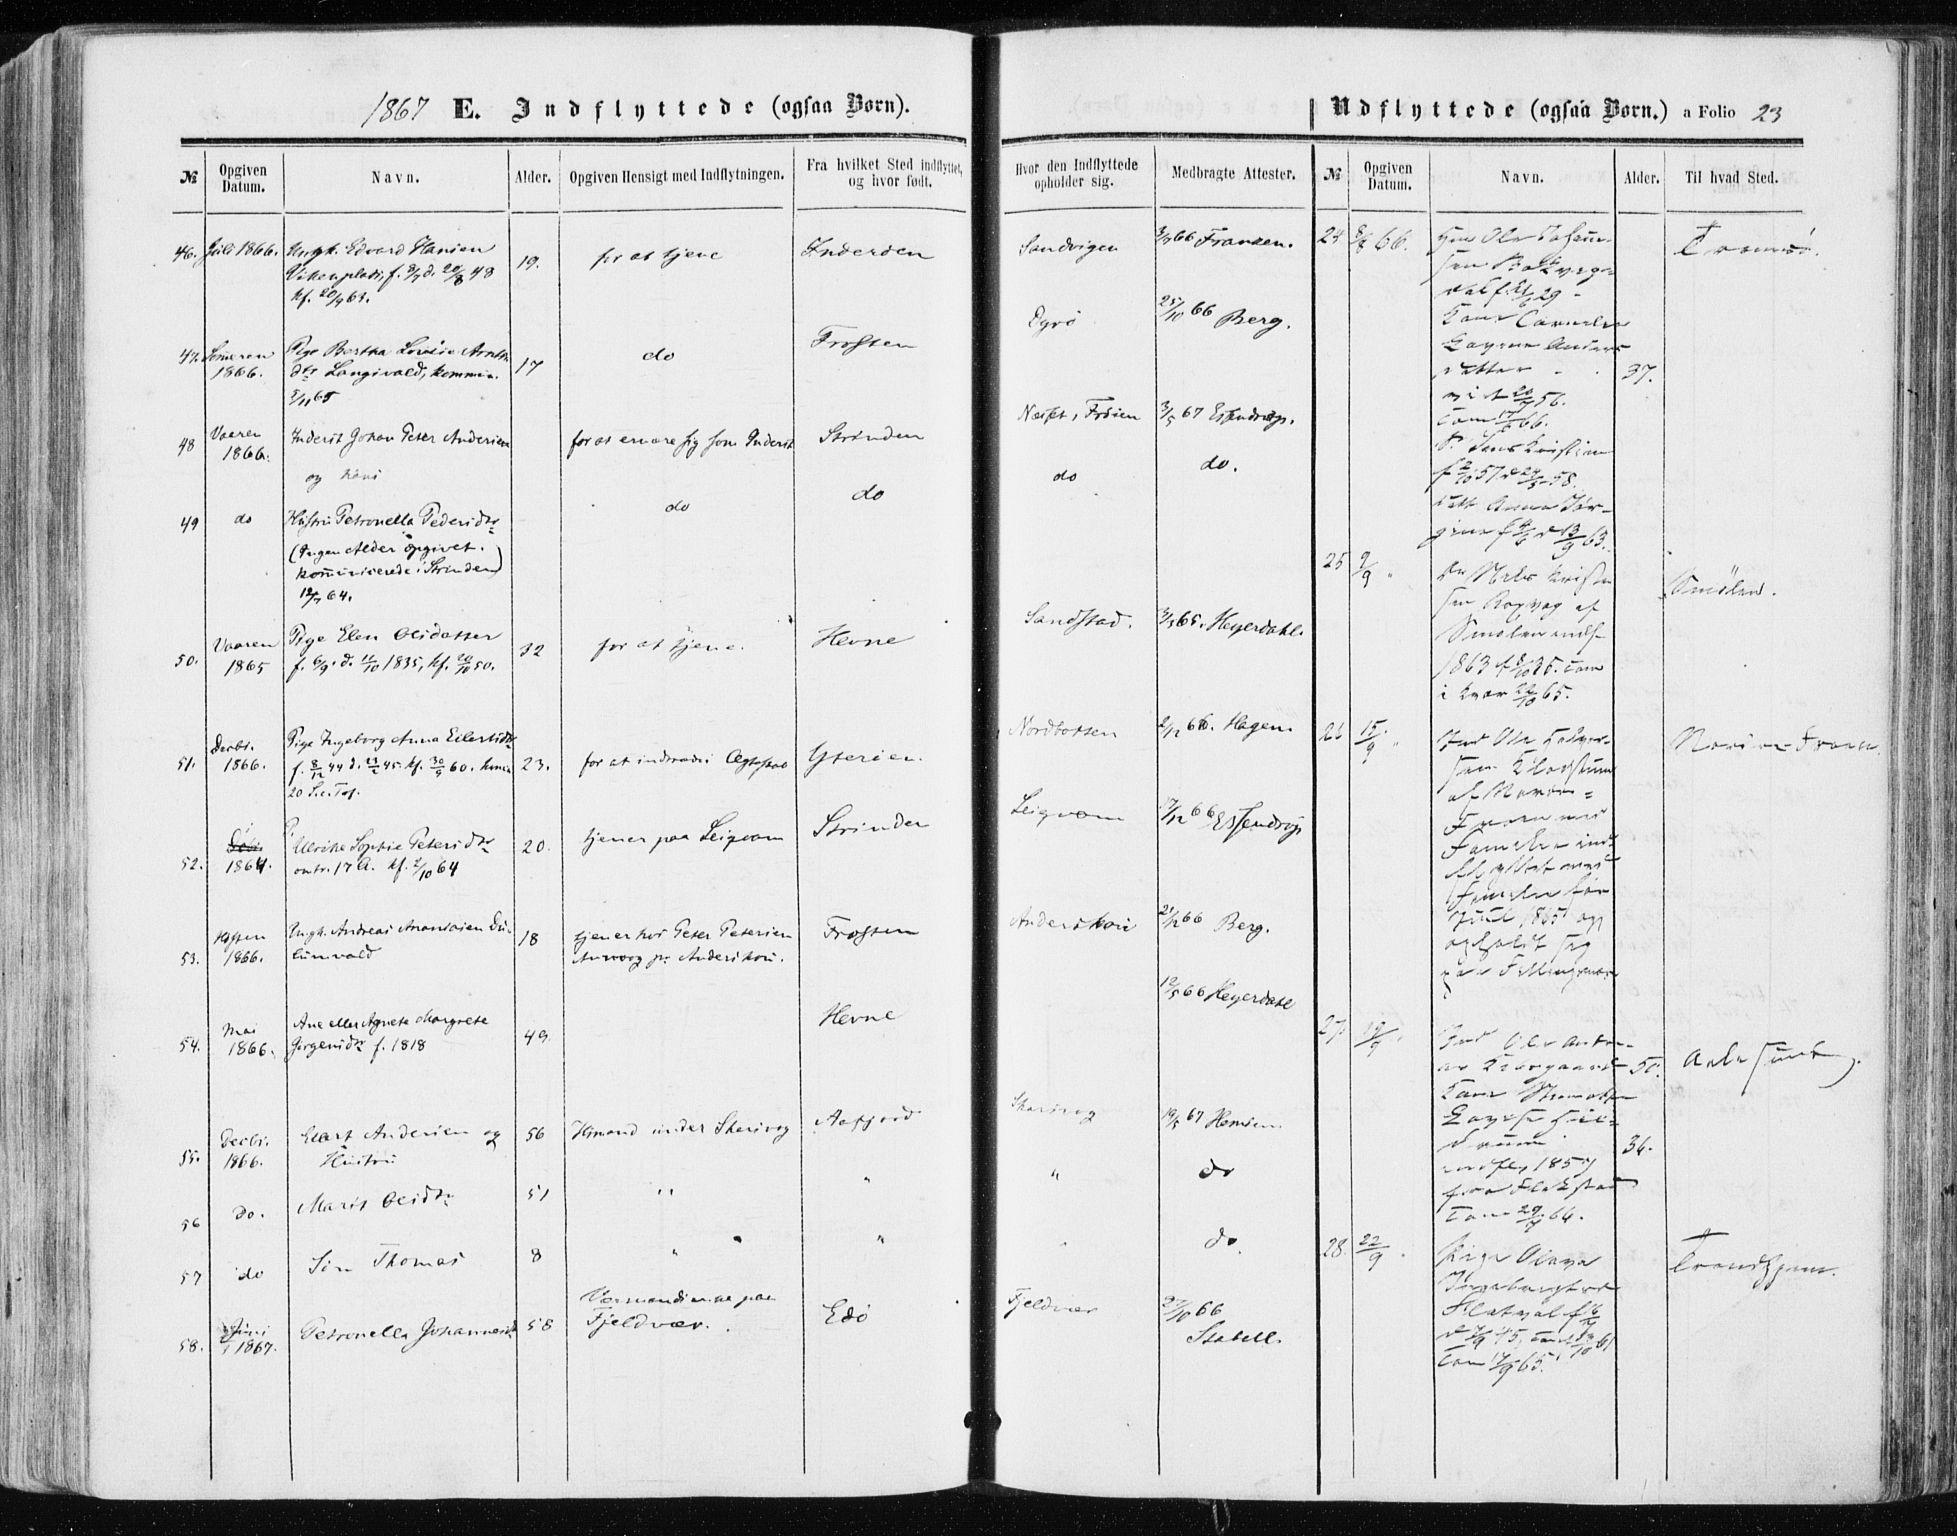 SAT, Ministerialprotokoller, klokkerbøker og fødselsregistre - Sør-Trøndelag, 634/L0531: Ministerialbok nr. 634A07, 1861-1870, s. 23